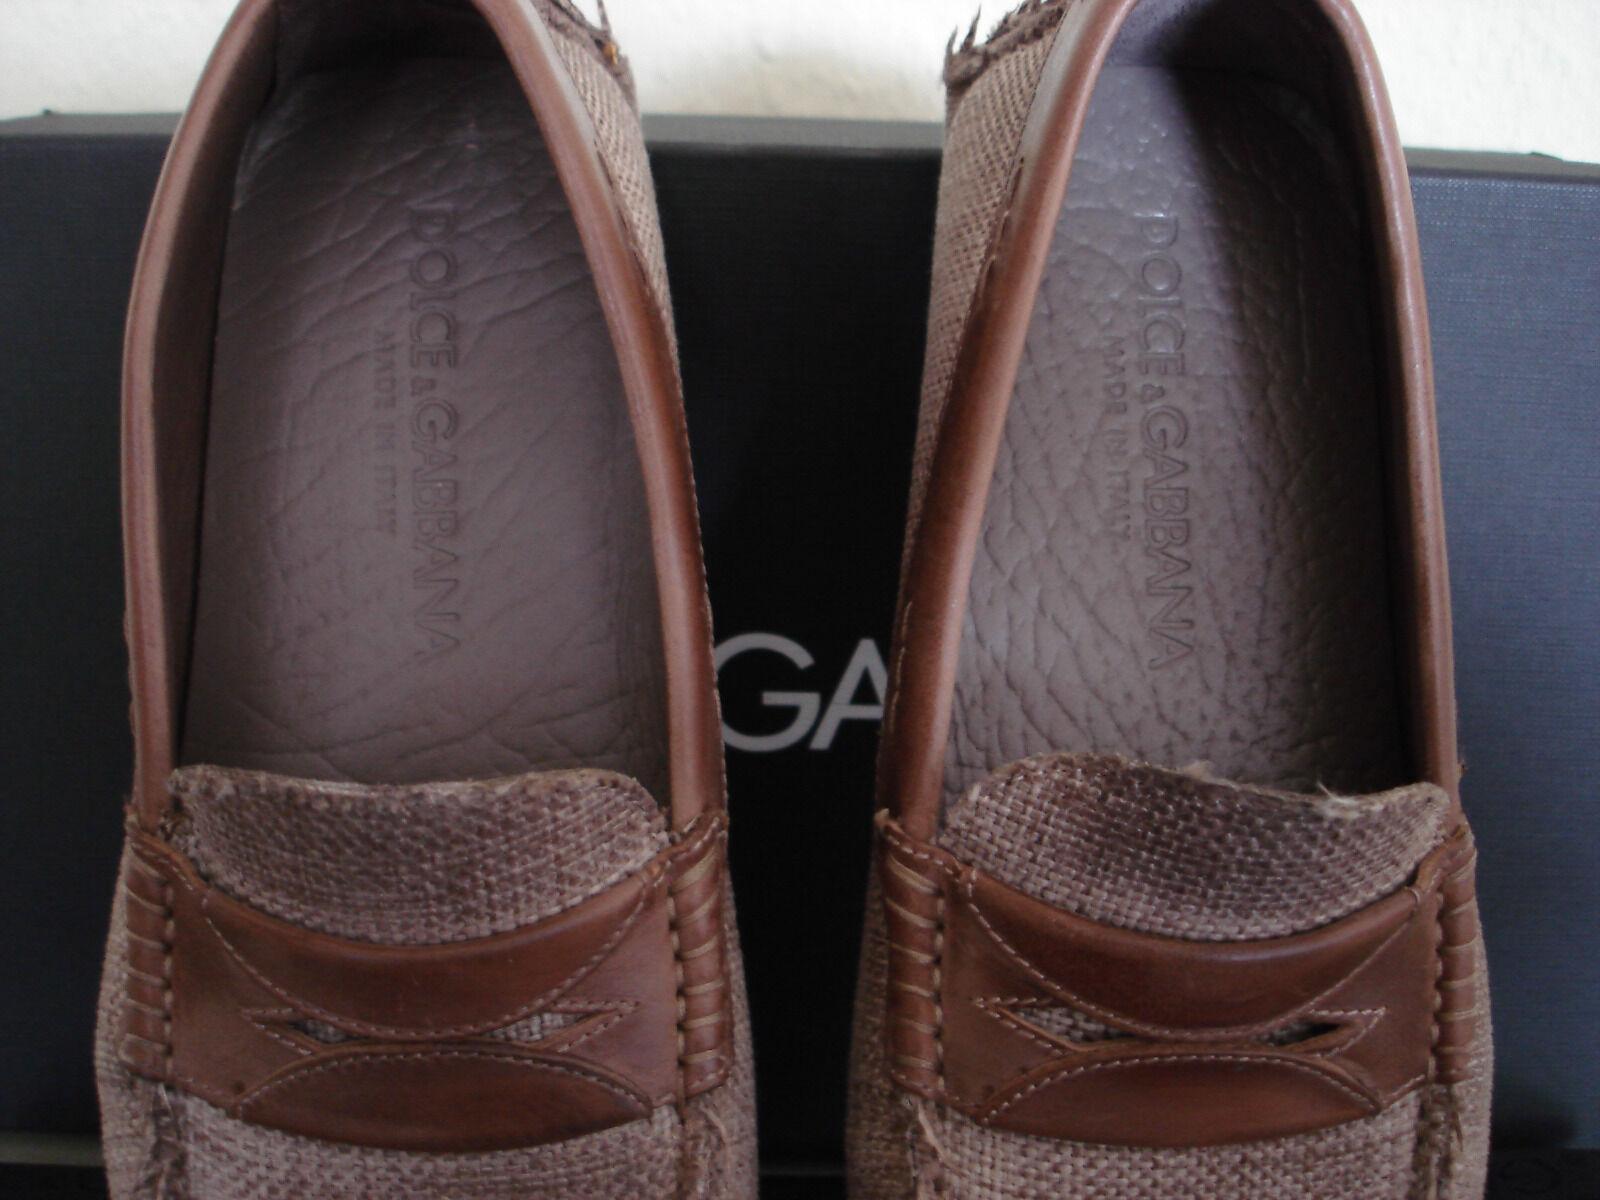 Dolce & Gabbana Schuhe Mokassin Herren 40 bzw. 6 Neu Top!